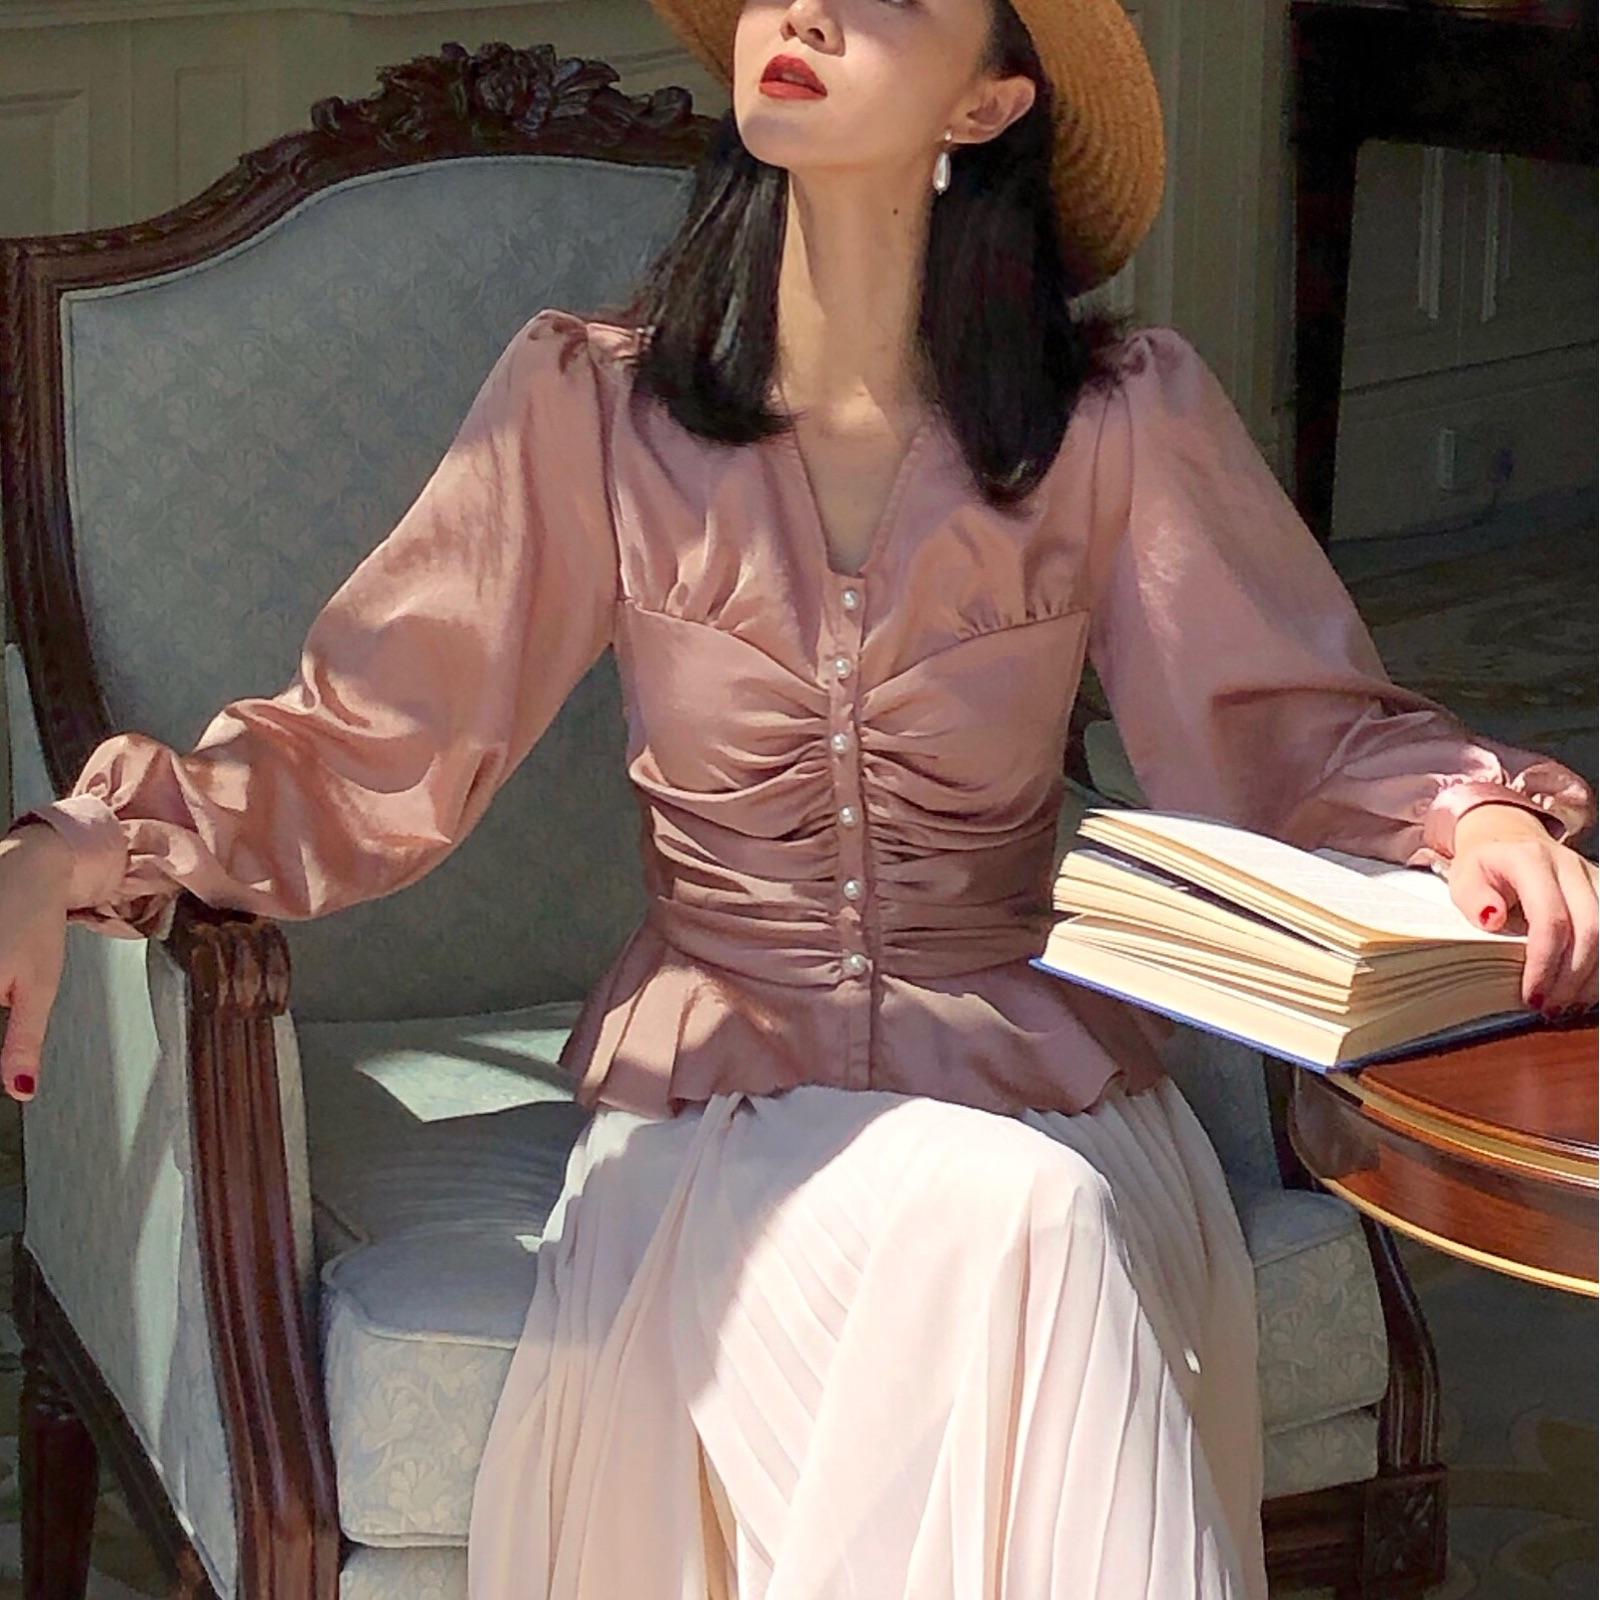 Onepire|RaspberryVelvet|缎面宫廷风收腰上衣女秋衬衫泡泡袖衬衣